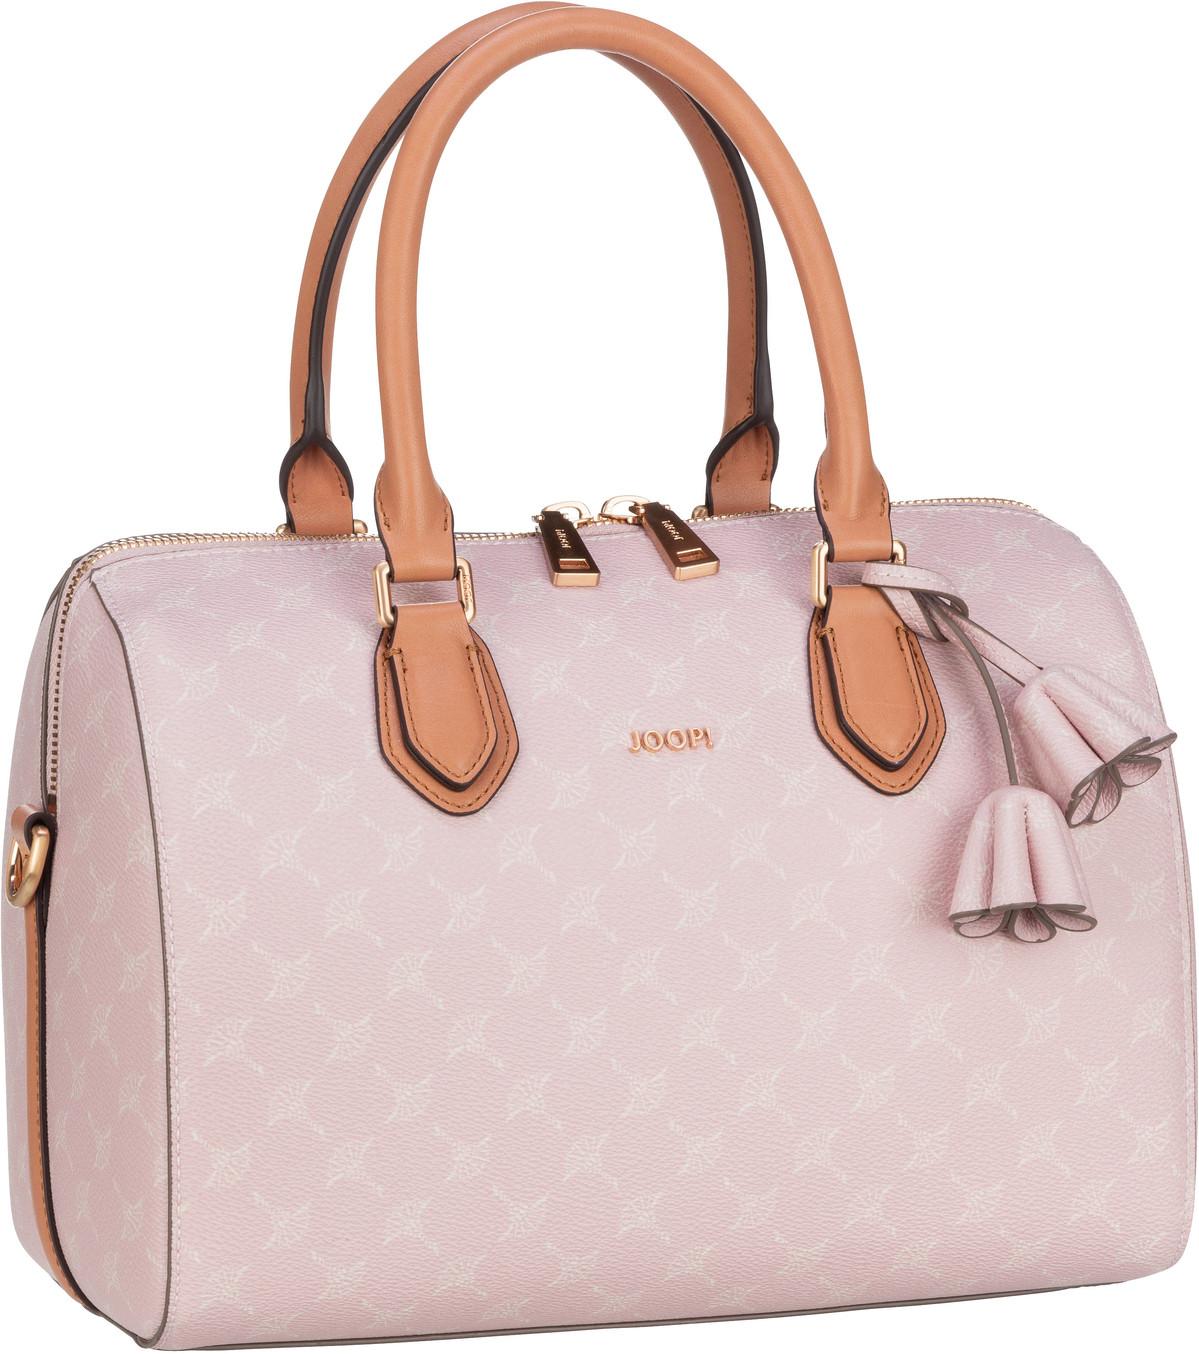 Handtasche Cortina Aurora HandBag SHZ Rose